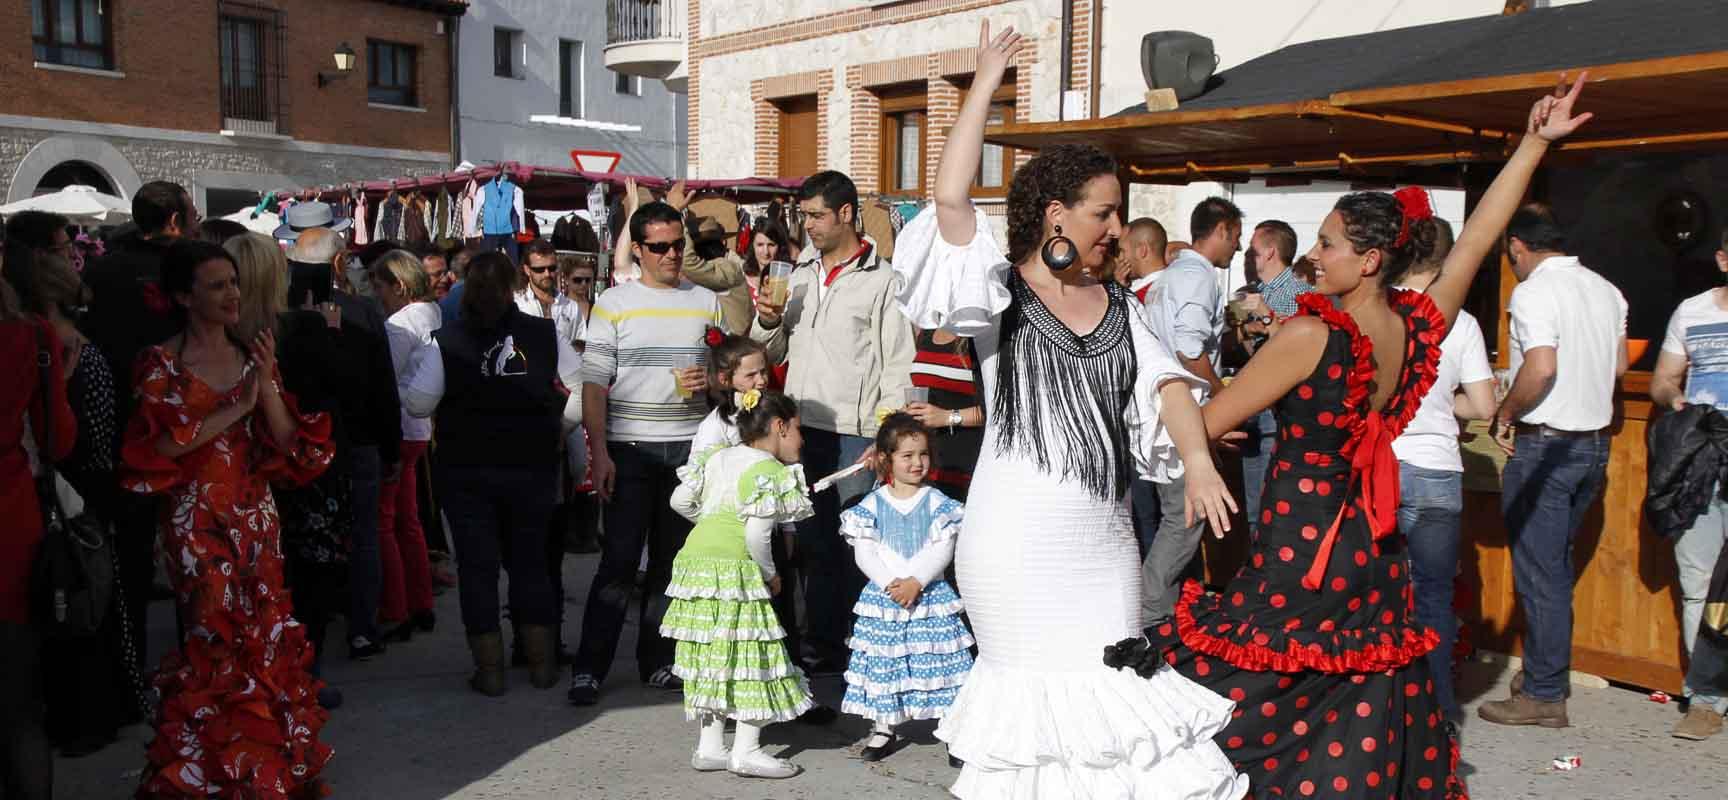 Mucho público se dio cita para disfrutar de esta Feria Flamenca.